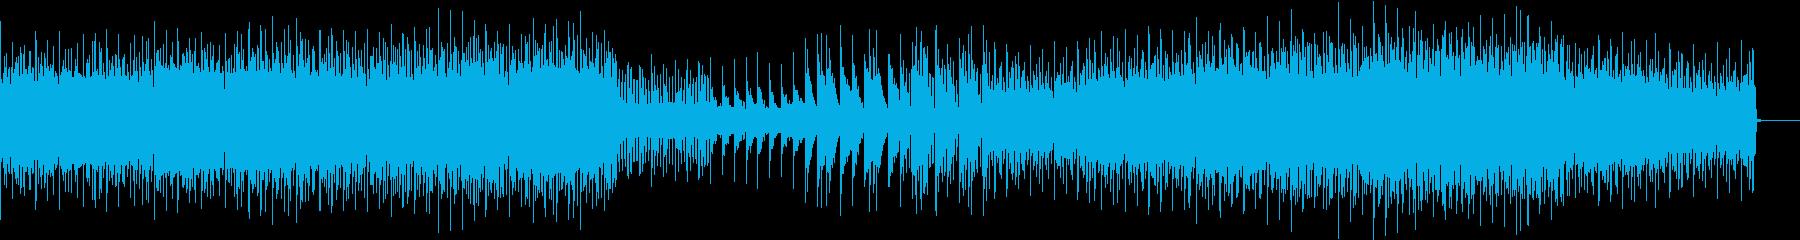 【バトル向き】疾走感のあるテクノロックの再生済みの波形